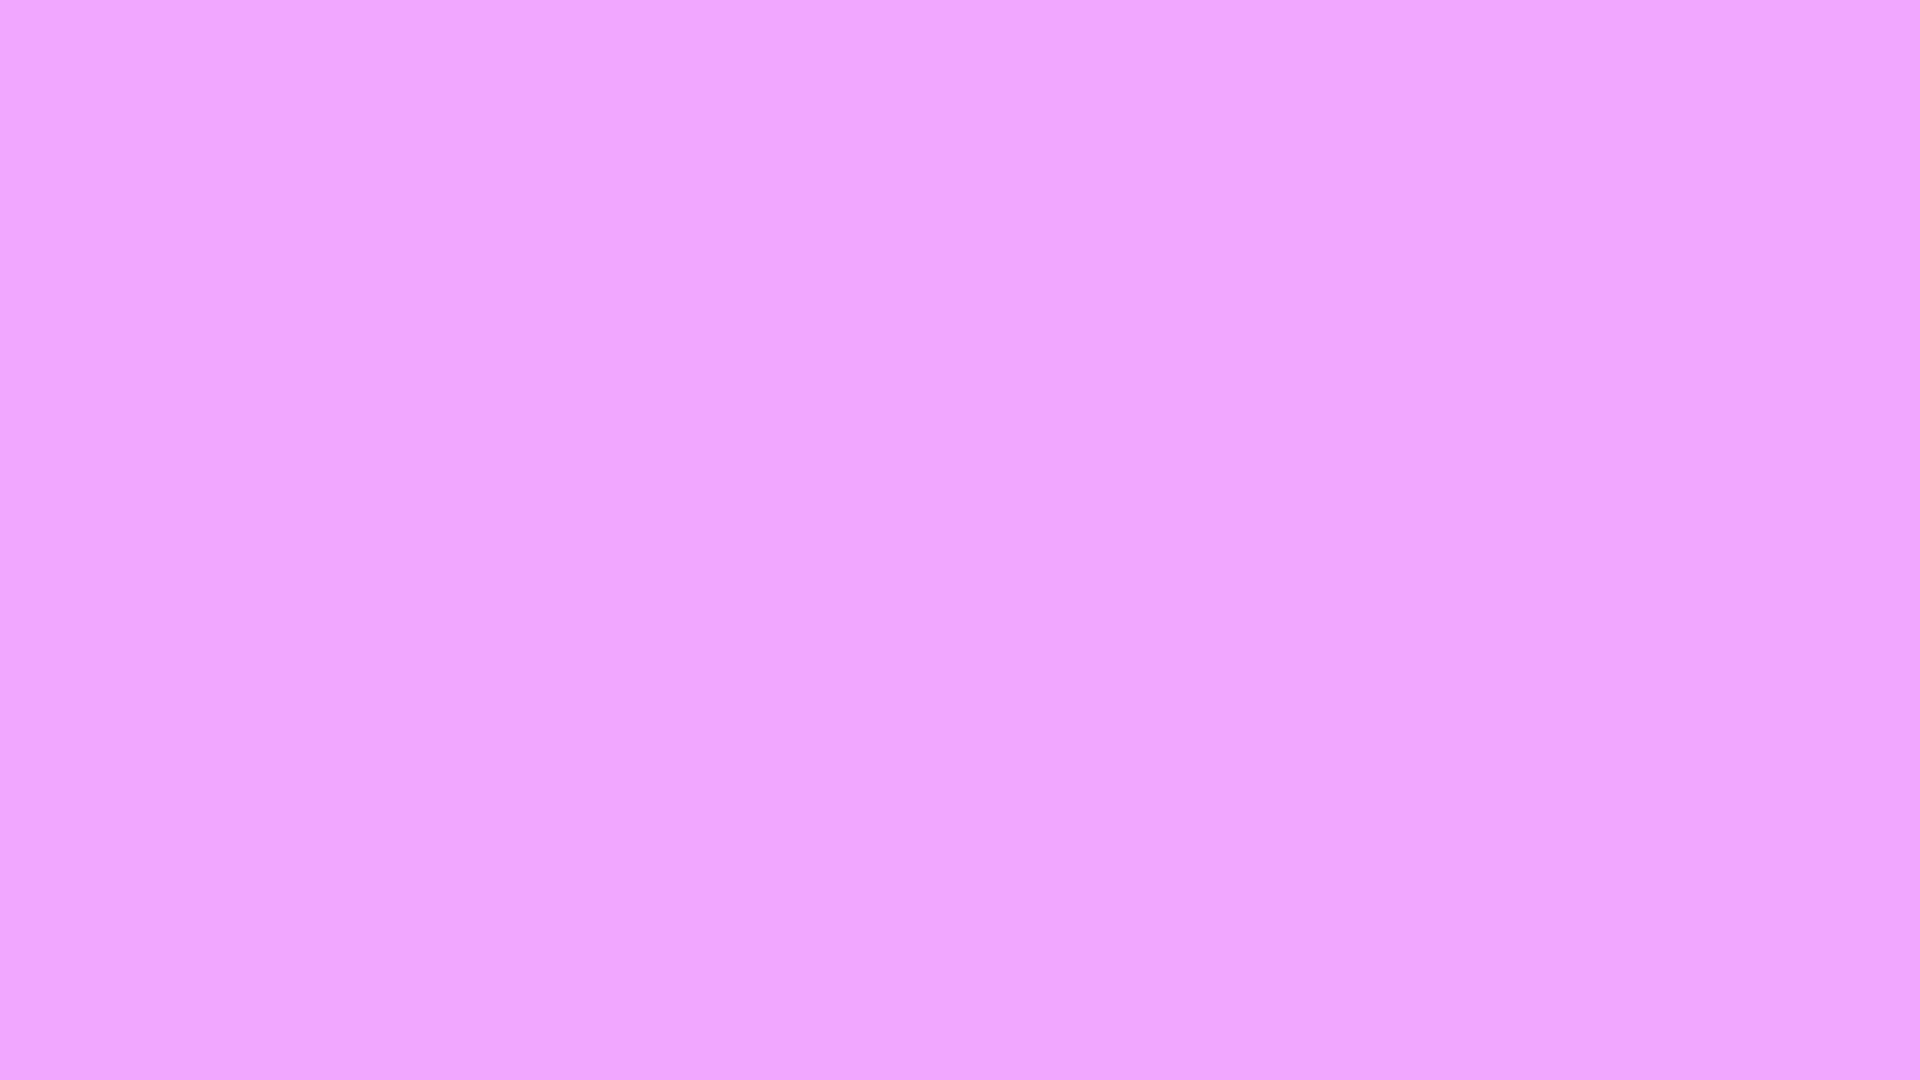 1920x1080px lavender color wallpaper wallpapersafari - Wallpaper lavender color ...